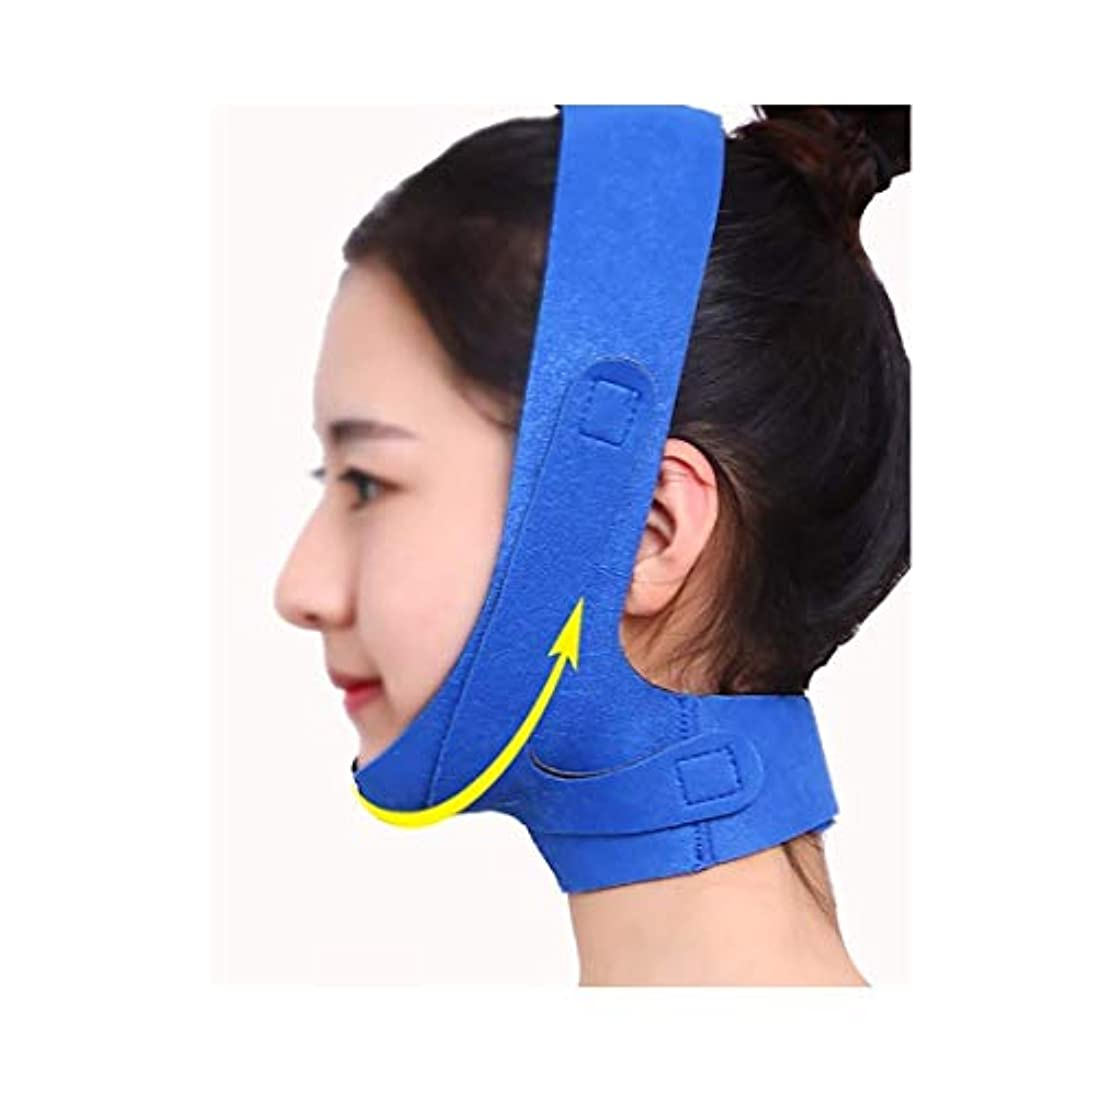 傾向内なる雰囲気フェイスリフトマスク、チンストラップの回復の包帯の睡眠の薄い顔の包帯の薄いフェイスマスクフェイスリフトの美のマスクの包帯の青いフェイスマスクが付いている小さいVの顔を高めるフェイスリフトのアーティファクト